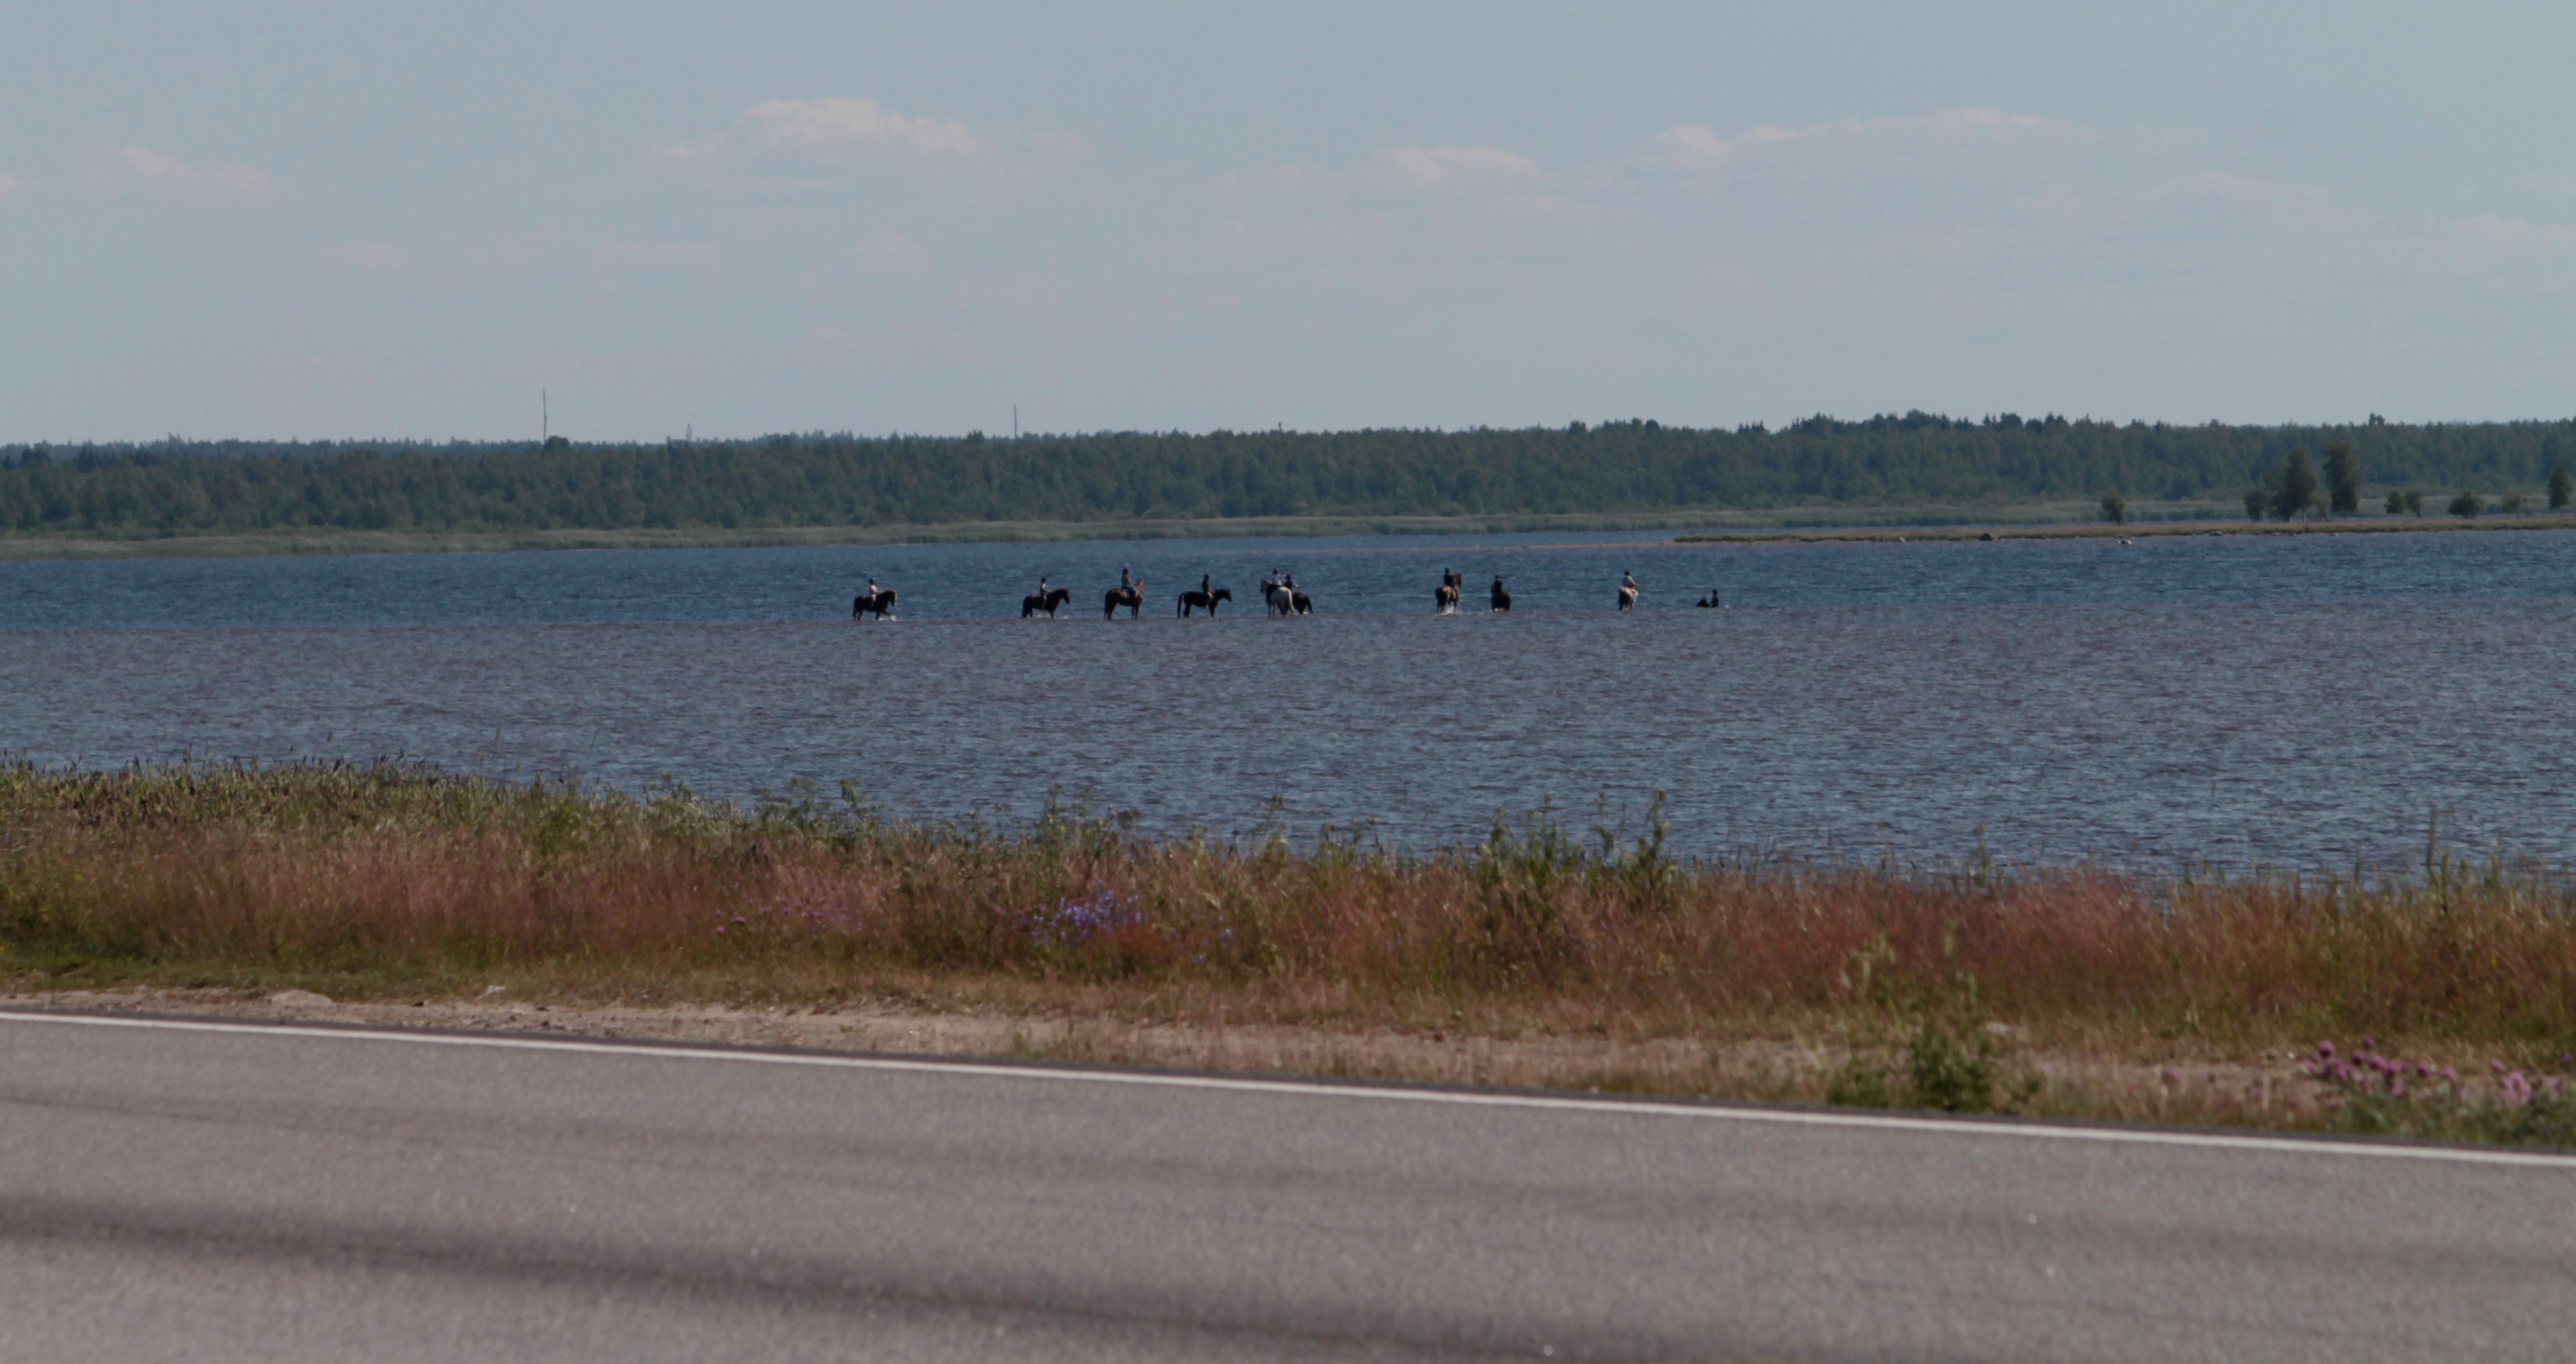 10 ratsukkoa meressä. Taustalla metsää, edustalla maantie.